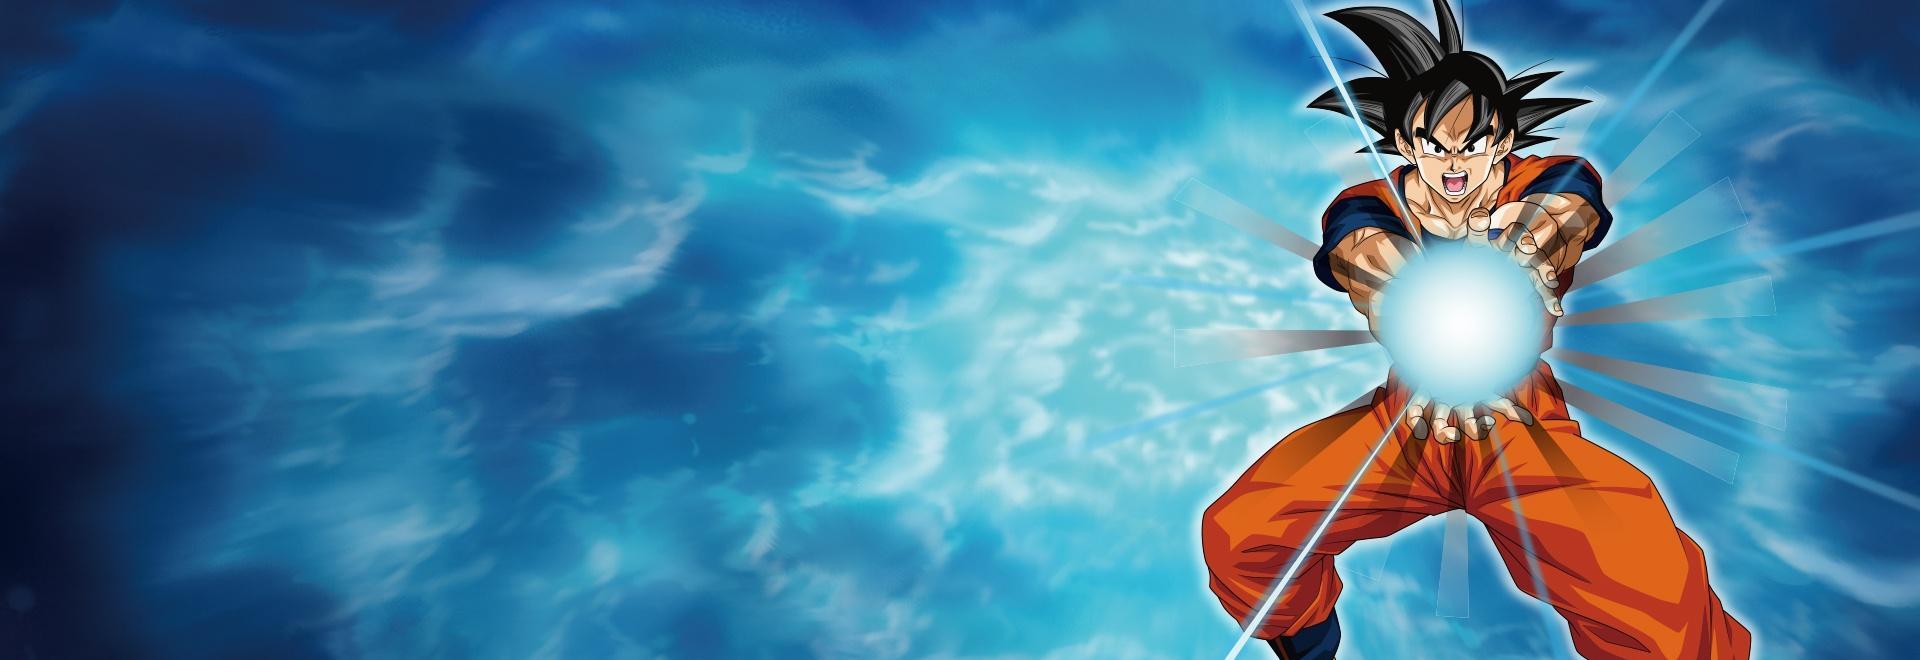 La Terra e Gohan sono in pericolo, torna presto Goku!